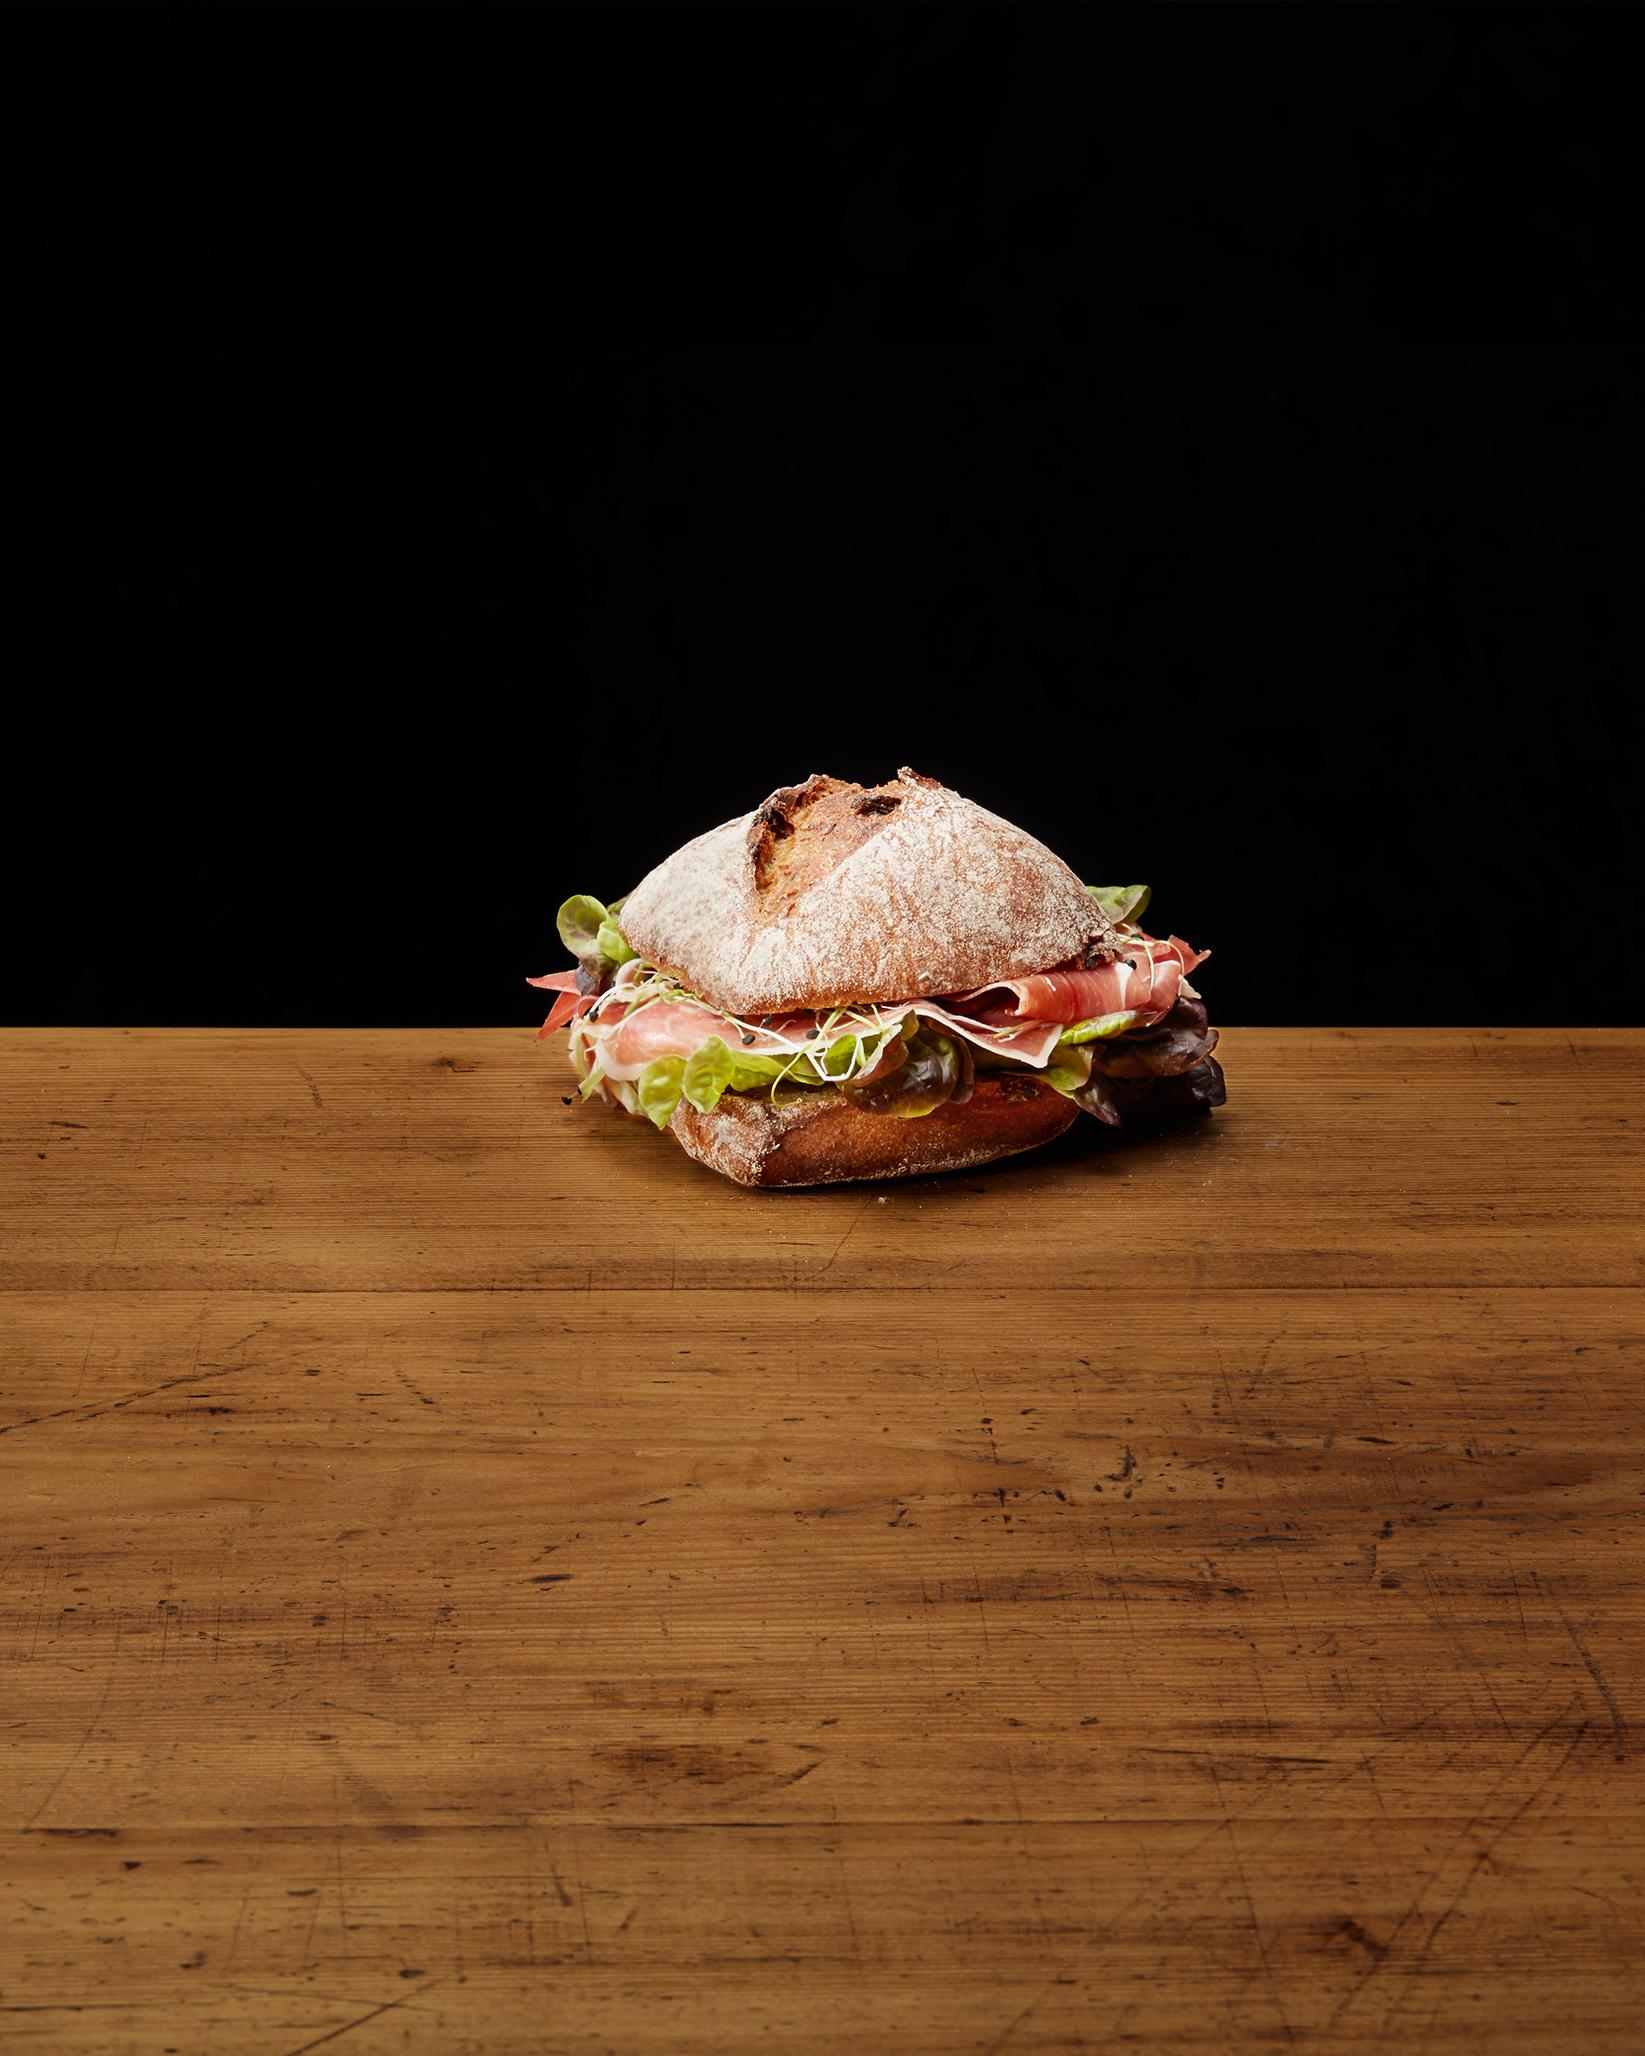 Sandwich mit Rohschinken und Salat